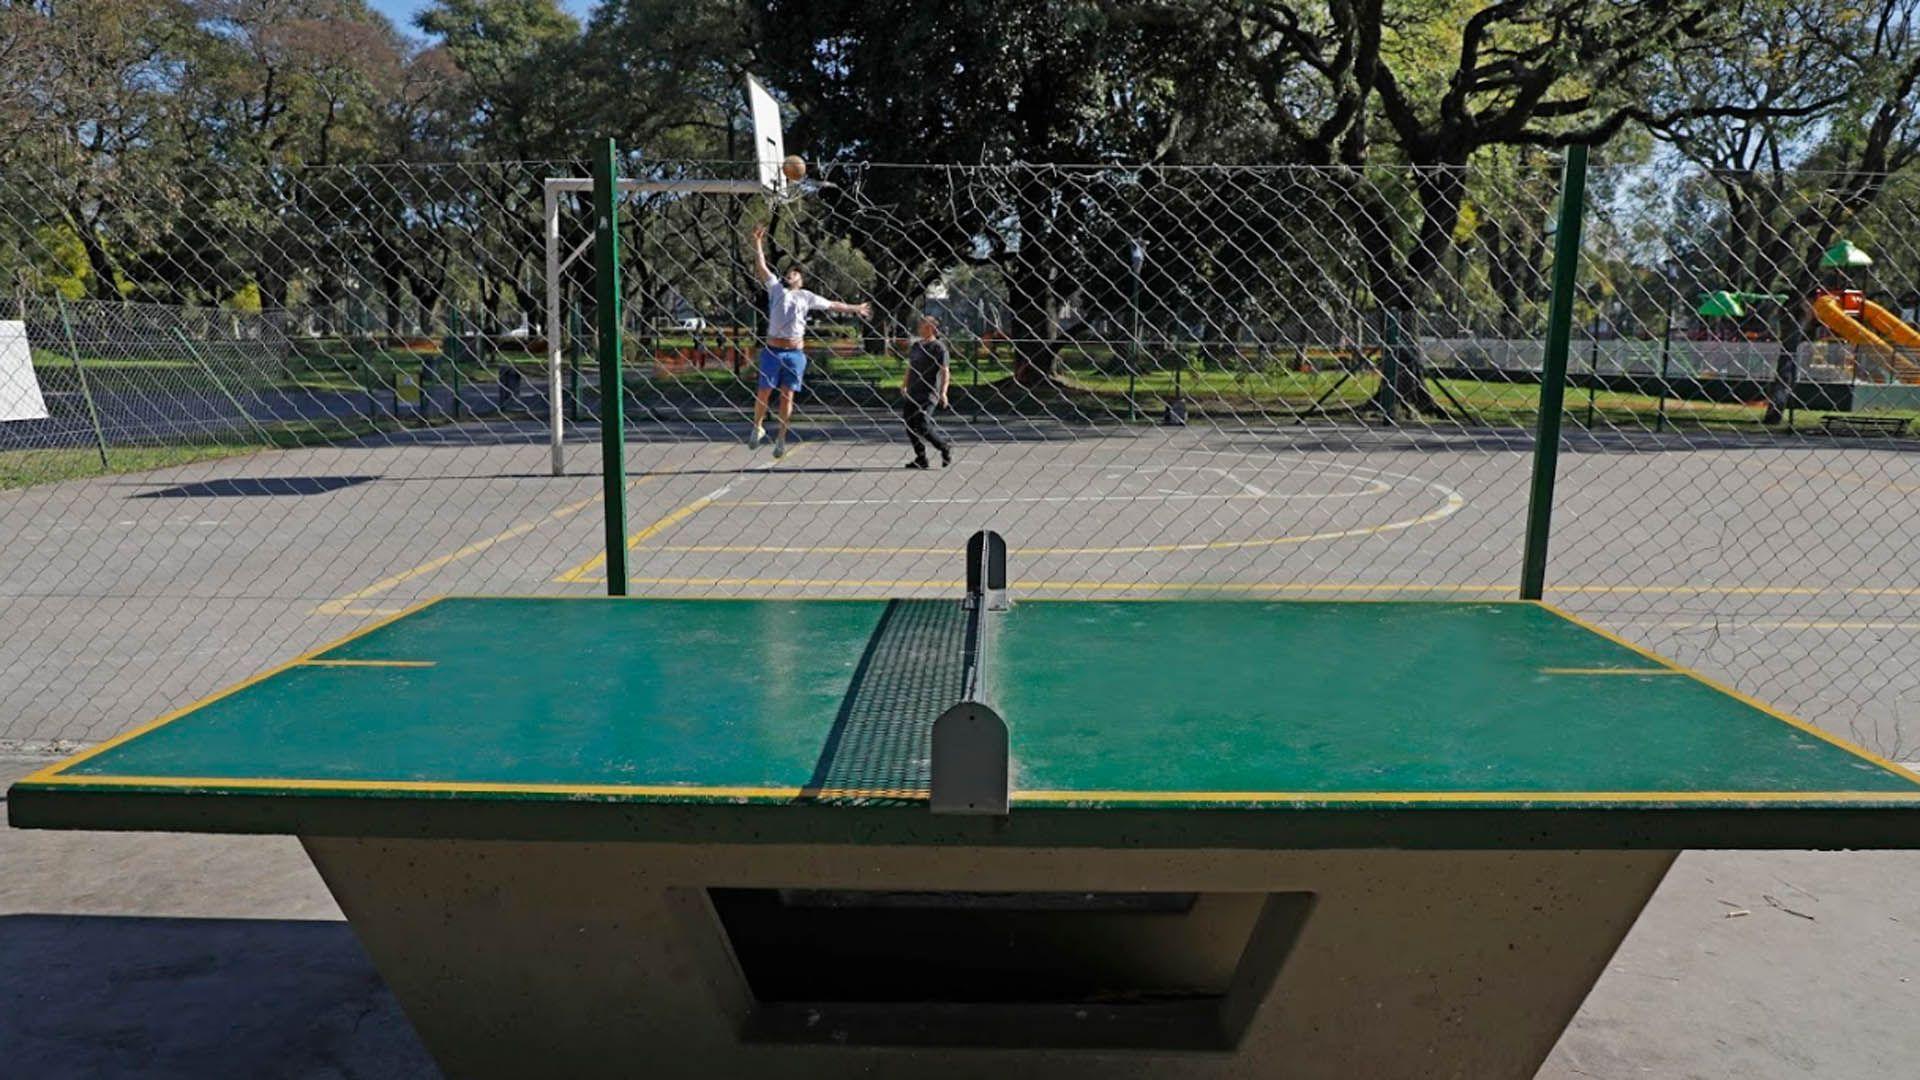 Parque Patricios es uno de los espacios verdes de mayor extensión en la zona sur de la ciudad. Fue diseñado por el reconocido paisajista francés Charles Thays e inaugurado en 1902. Sus instalaciones permiten disfrutar tanto de la naturaleza como de actividades deportivas con canchas de fútbol, básquet, mesa de ping pong y postas aeróbicas.